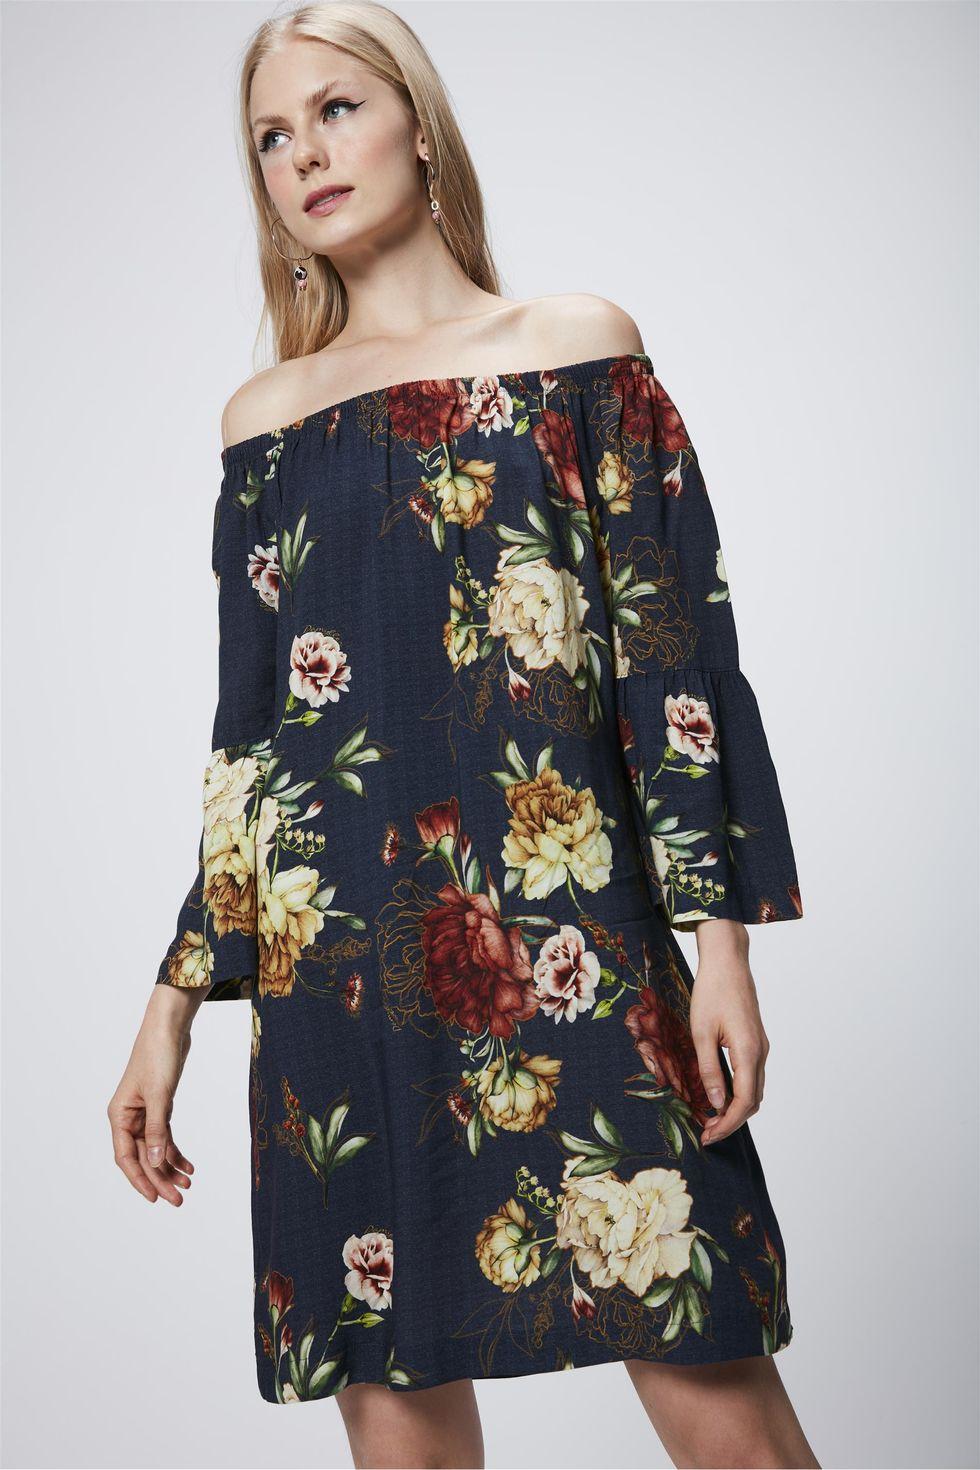 Vestido-Floral-com-Decote-Ombro-a-Ombro-Frente--